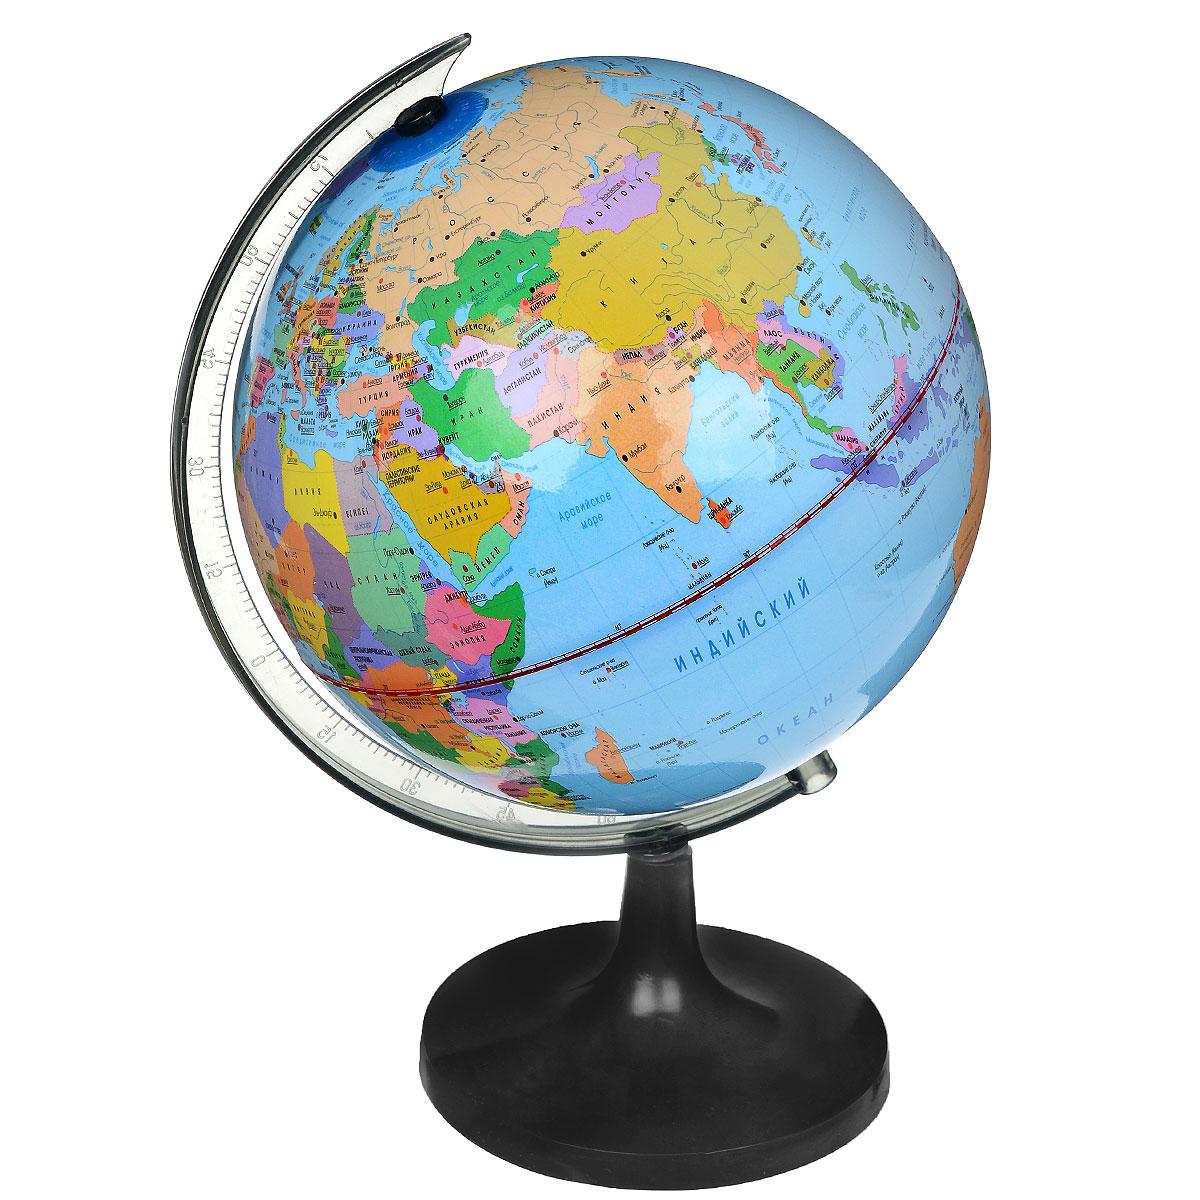 изображение глобуса картинки проживаете